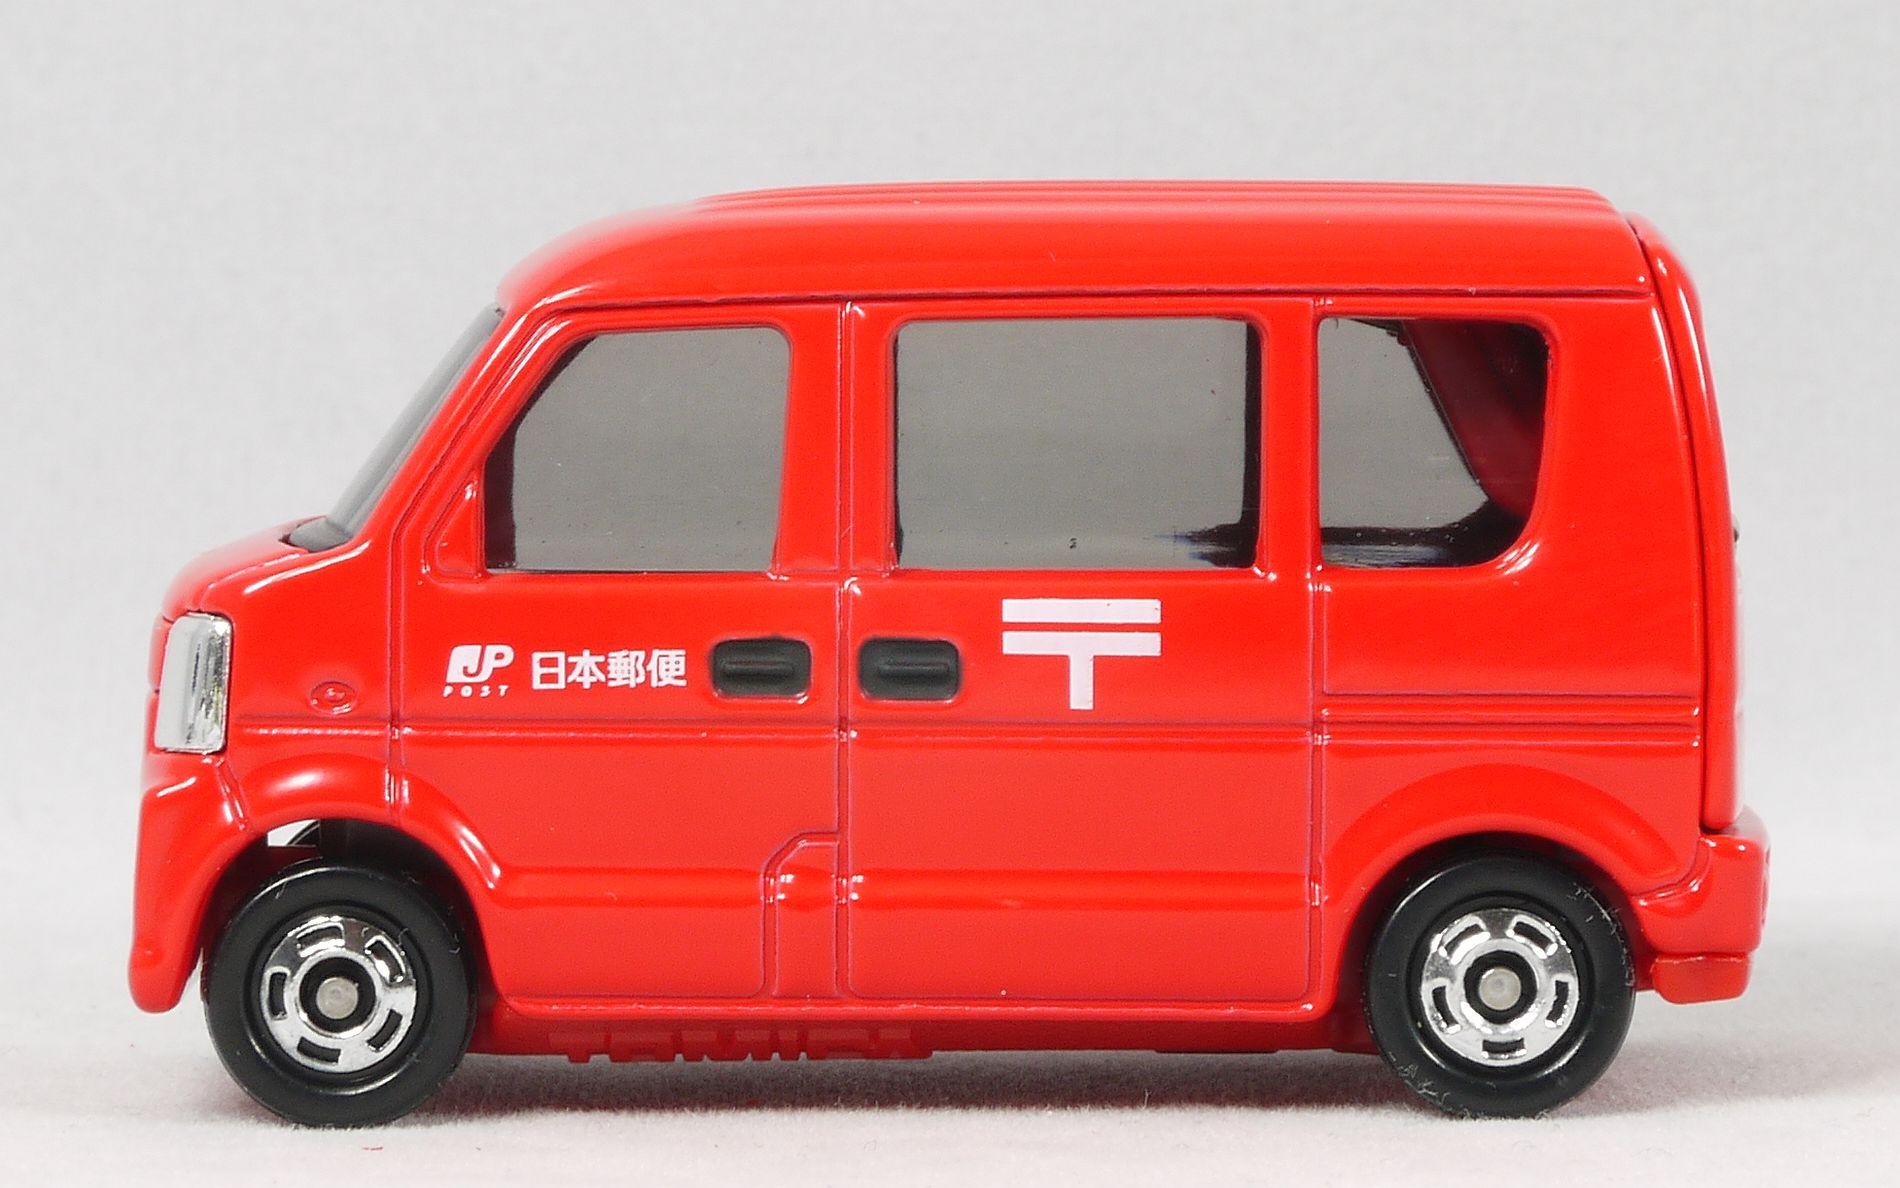 2009/6 トミカ No.068 郵便車 : ...